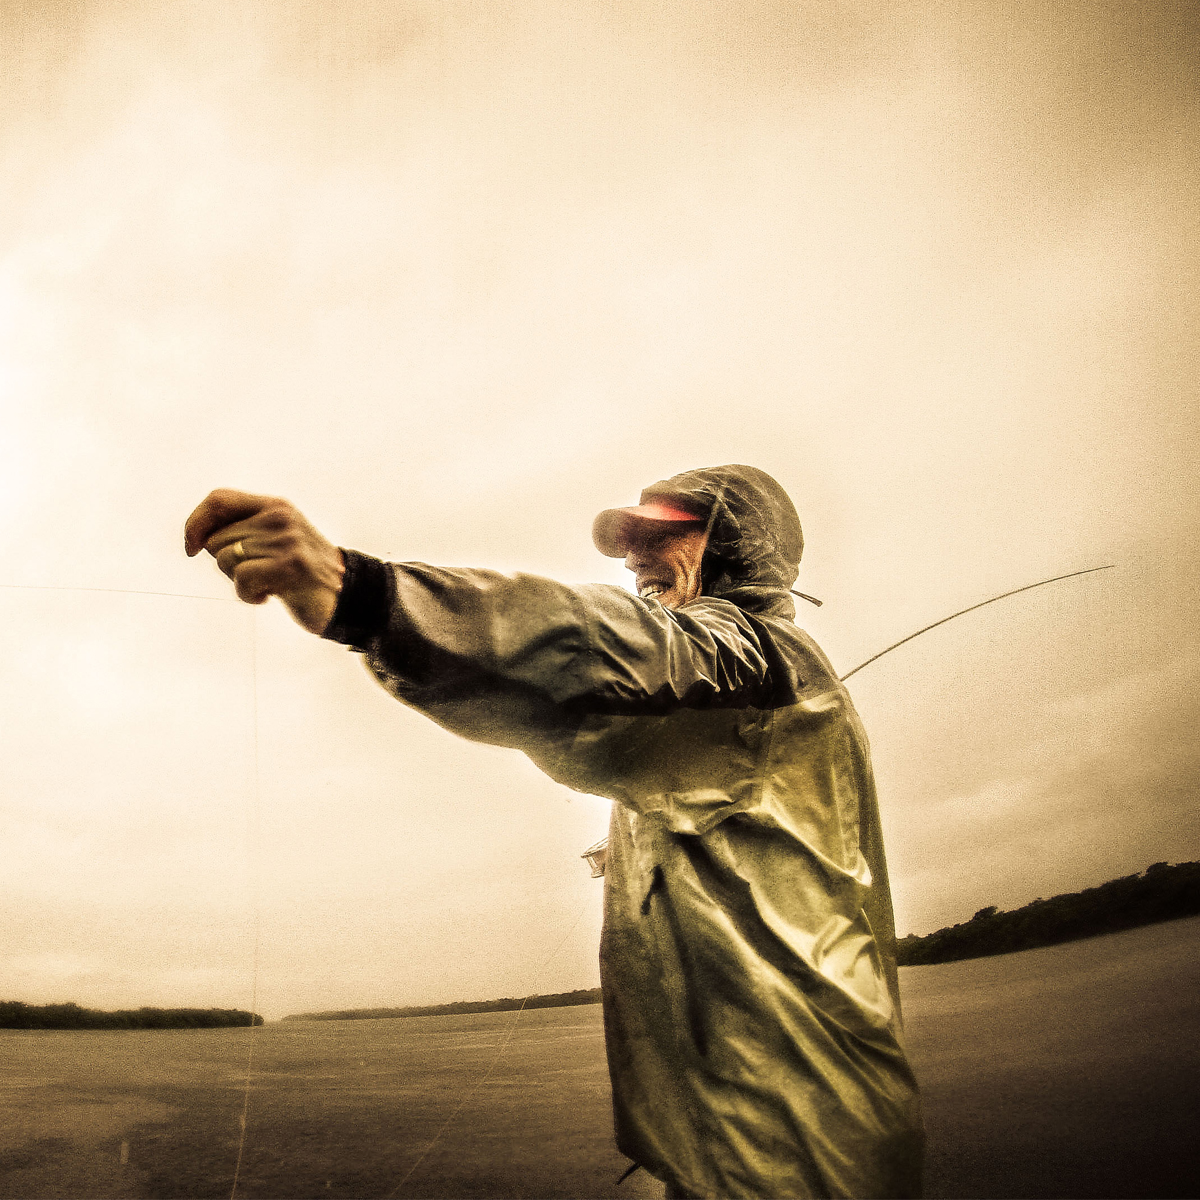 Winston-Fliegenruten-fuer-alle-Bedingungen-Flyfishing-Europe